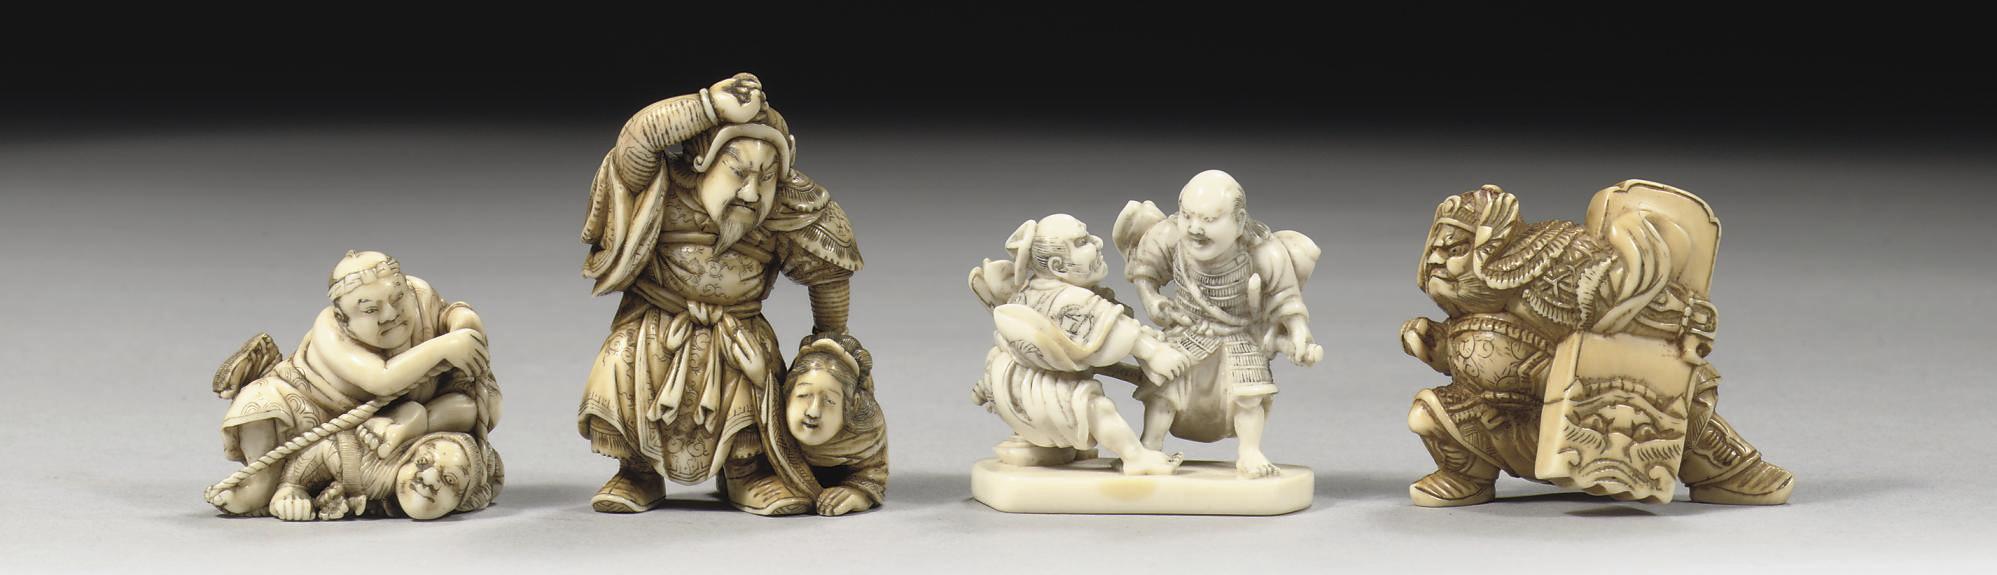 Four ivory netsuke